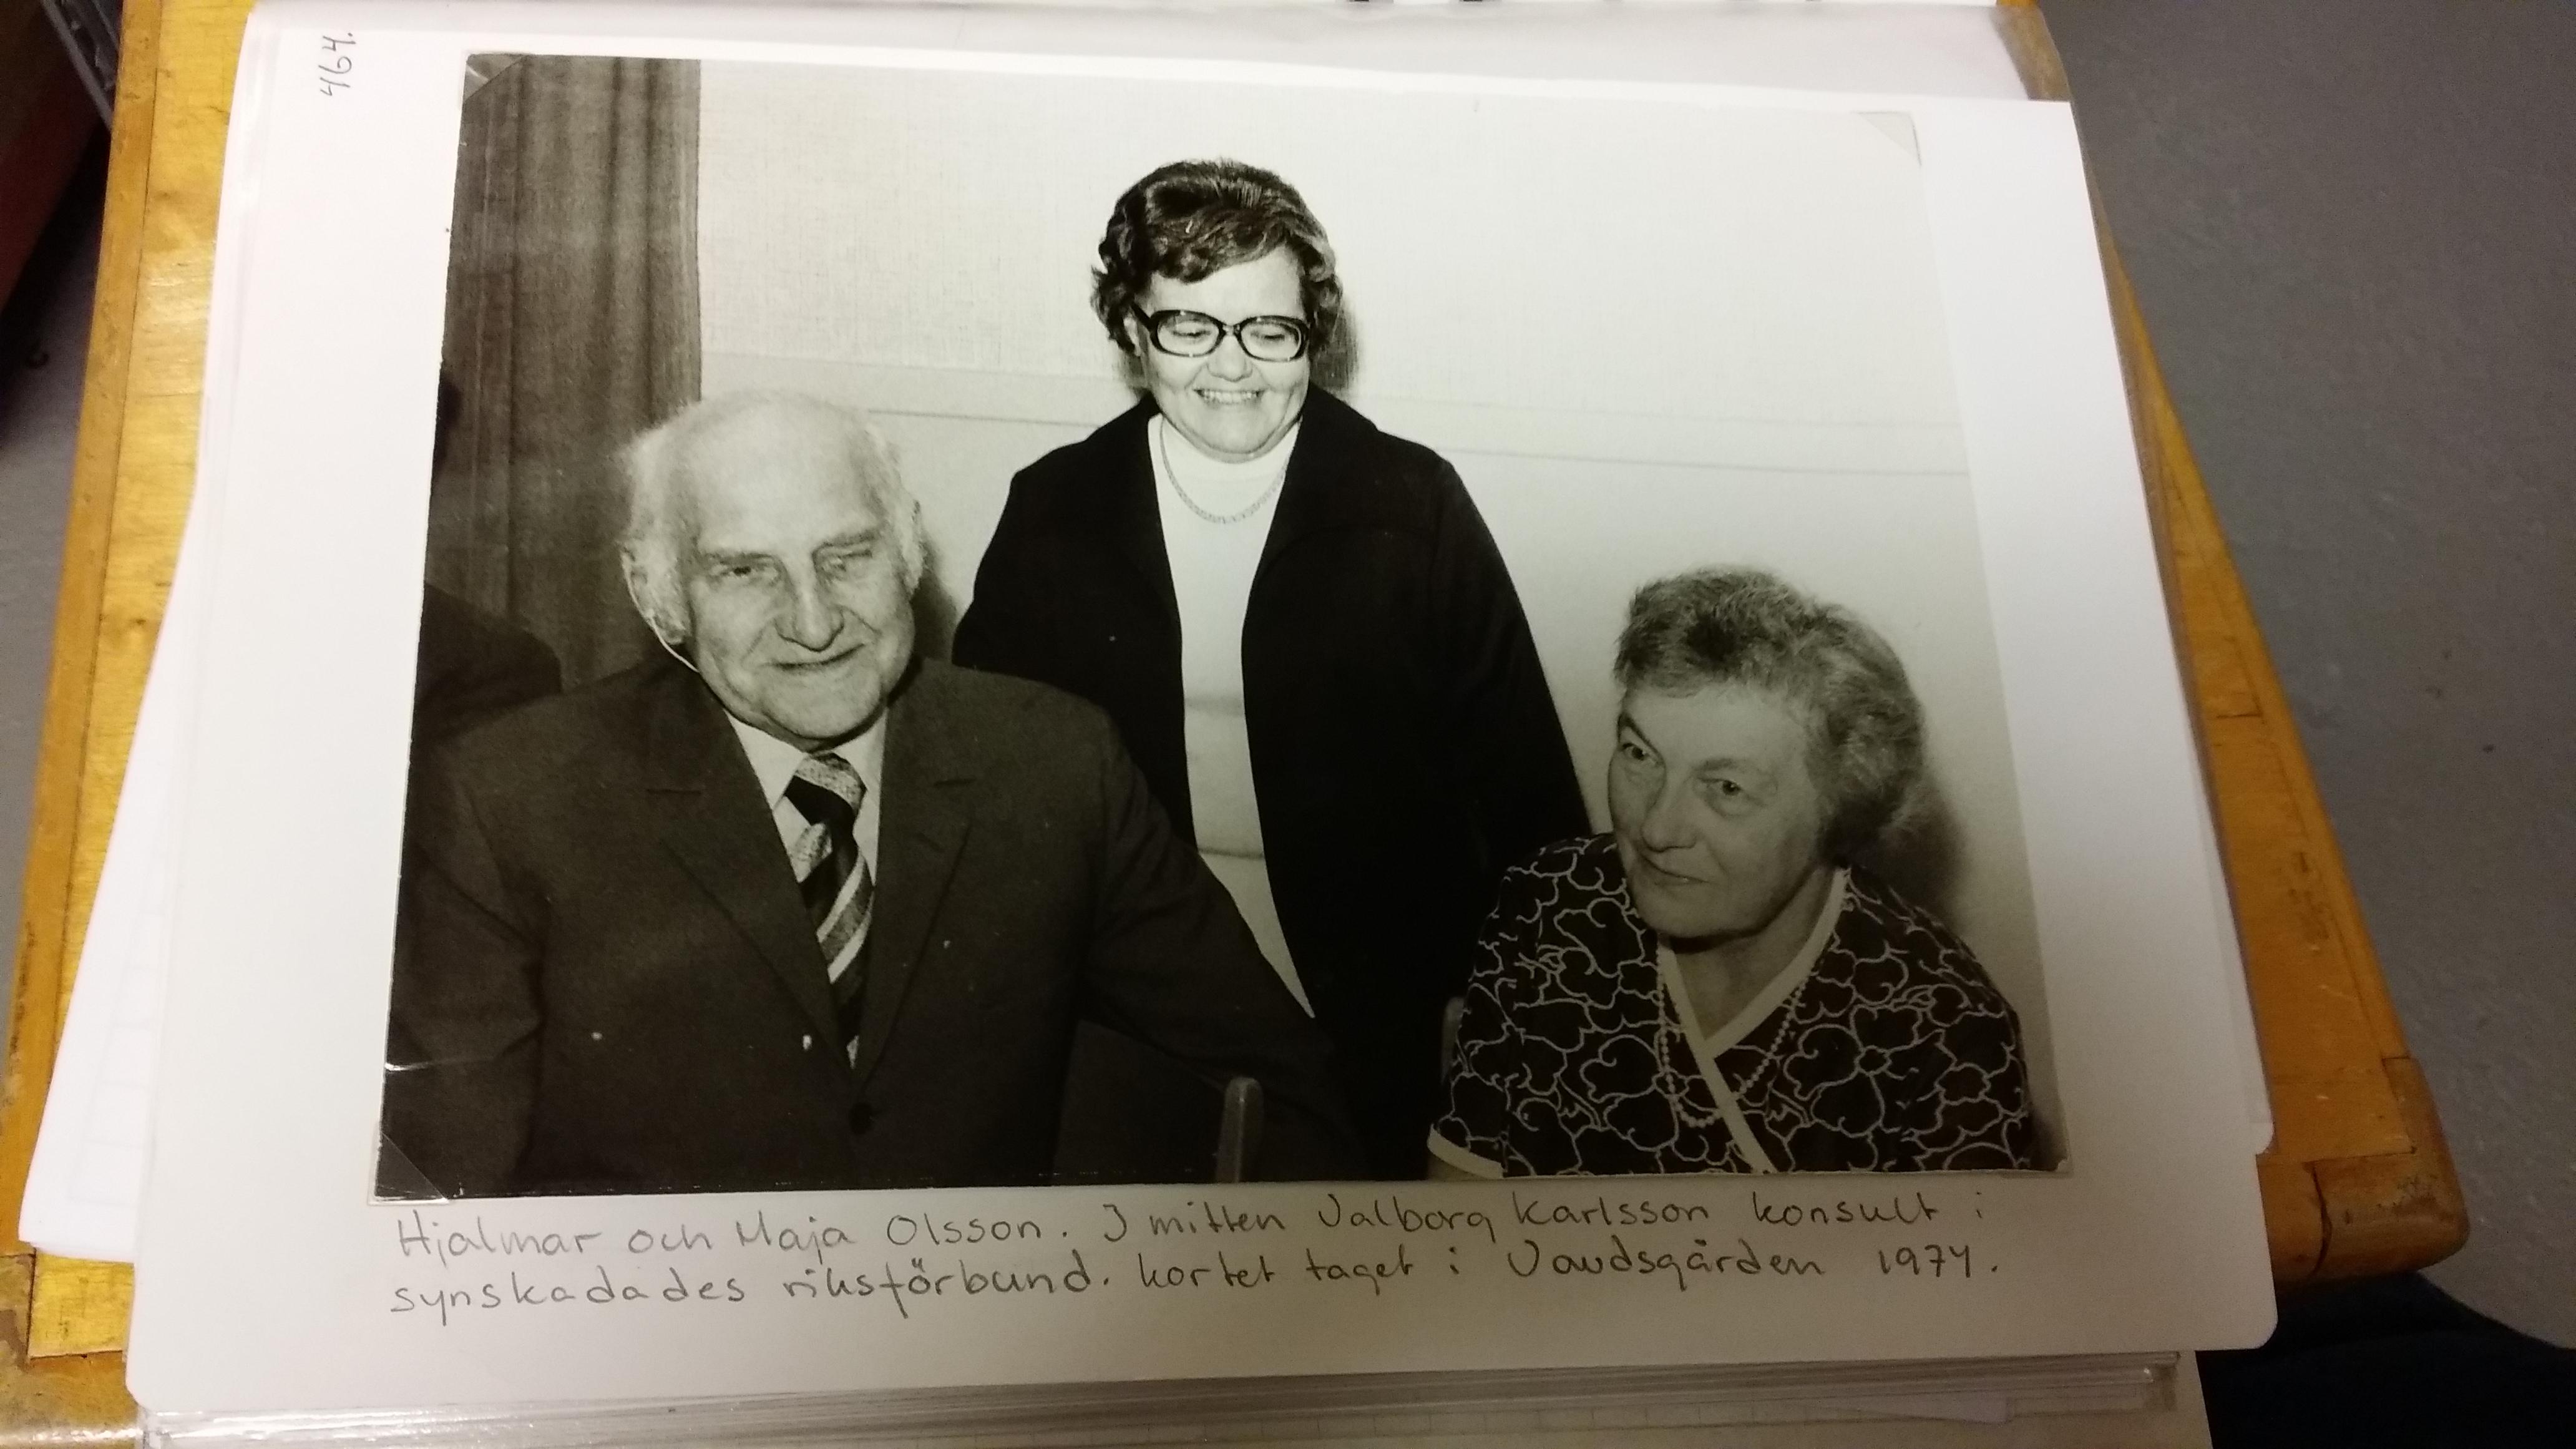 1979 Hjalmar och Maja Olsson